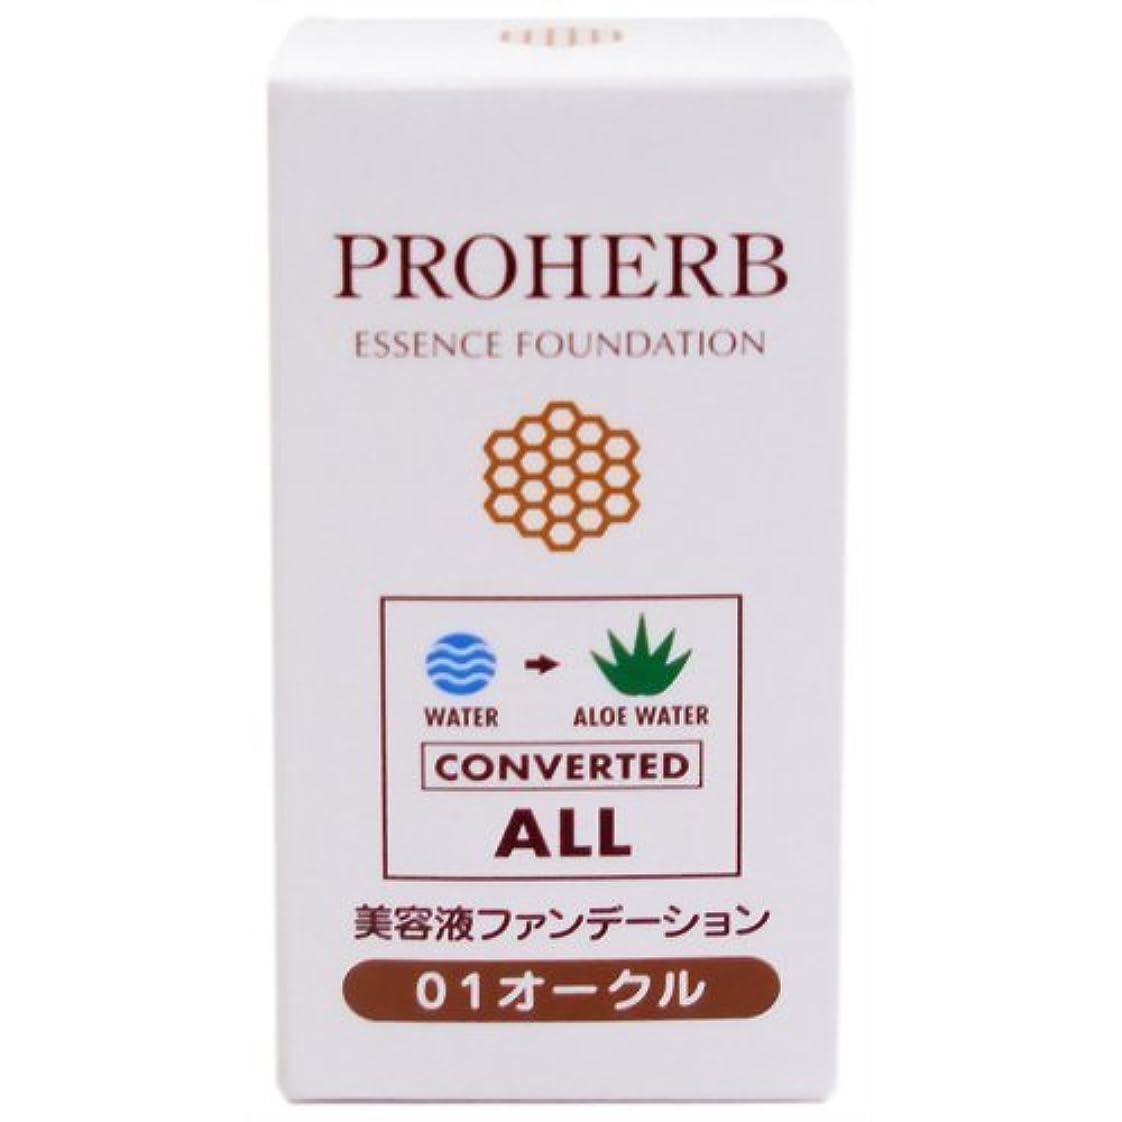 気楽なわざわざリスキーな岐阜アグリフーズ プロハーブEMシリーズ 美容液ファンデーション 01 オークル 30ml